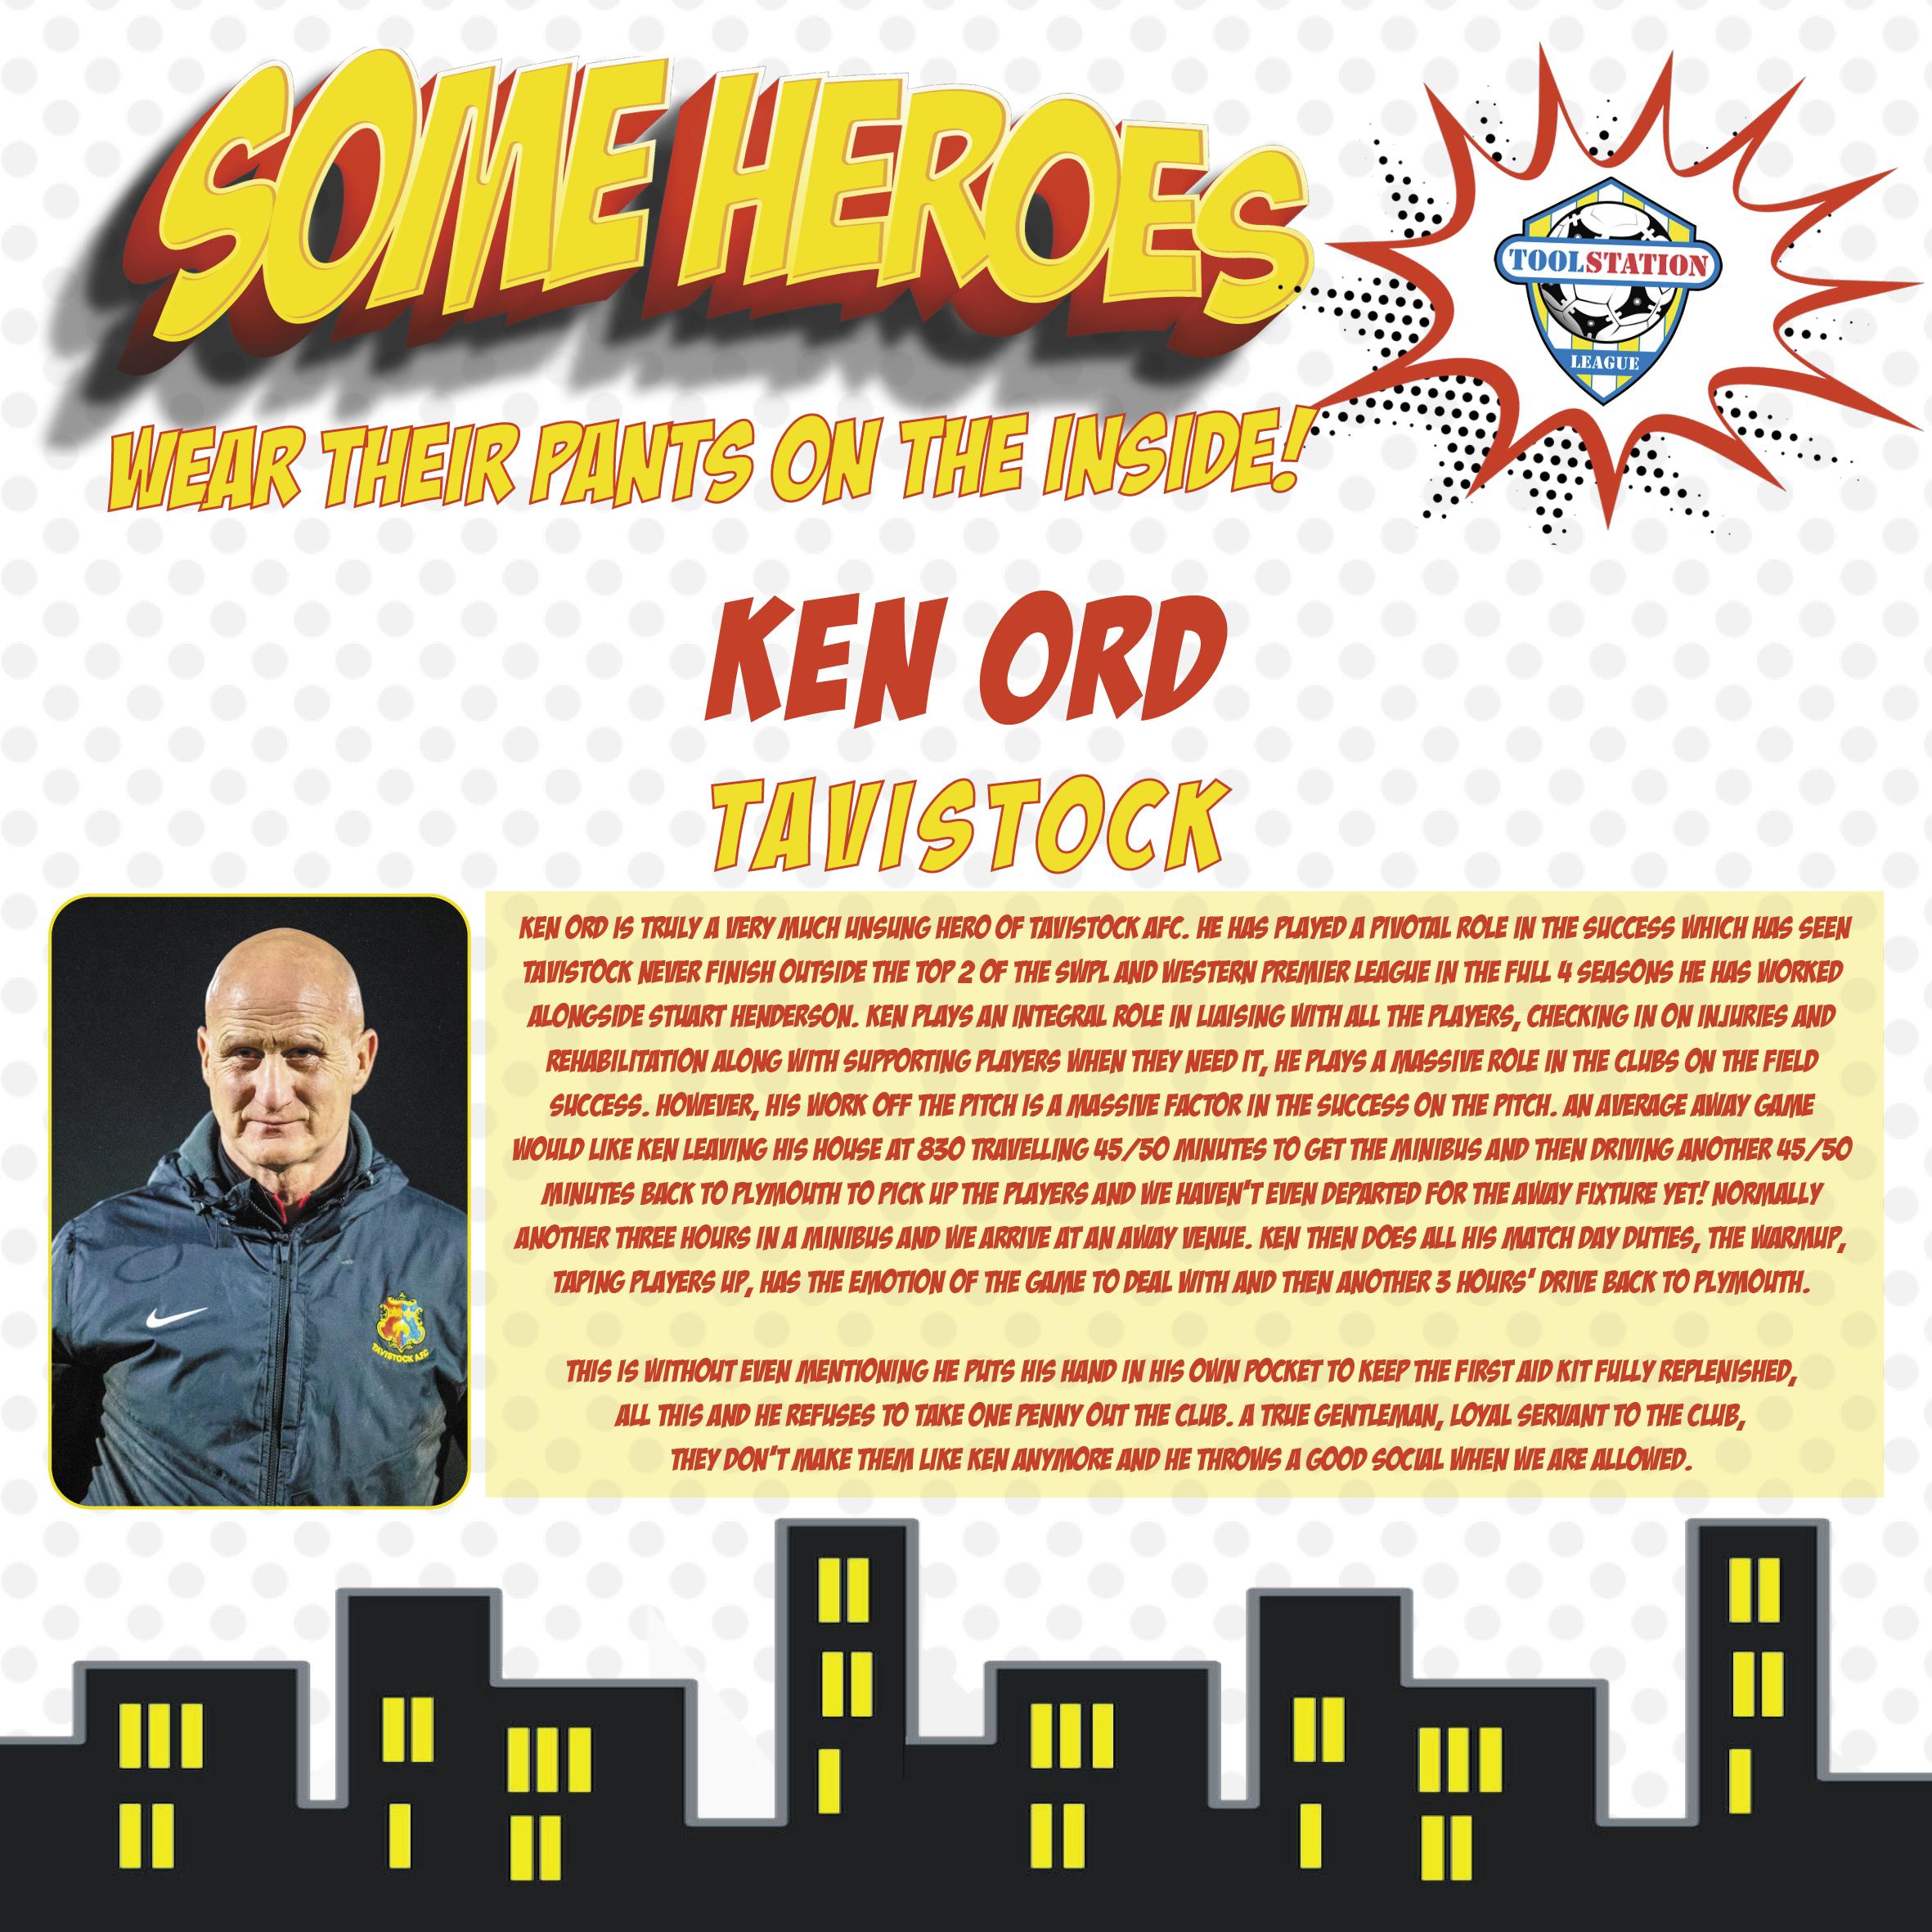 Ken Ord